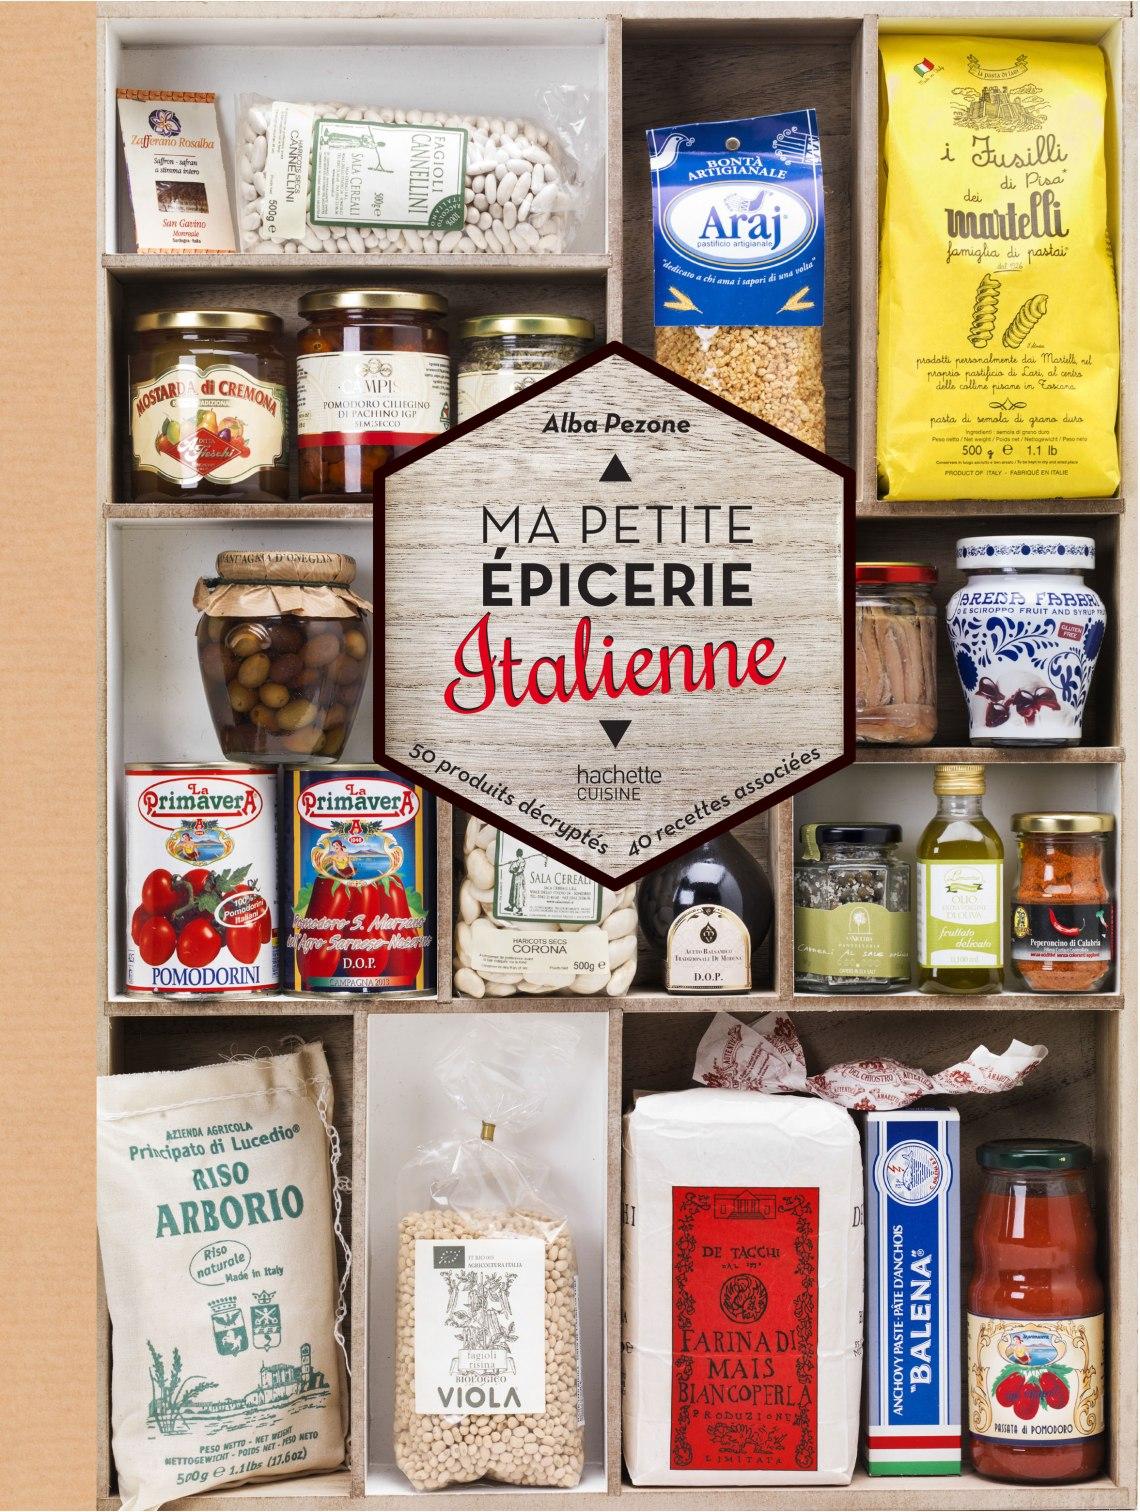 EpicerieItalienne_Hachette